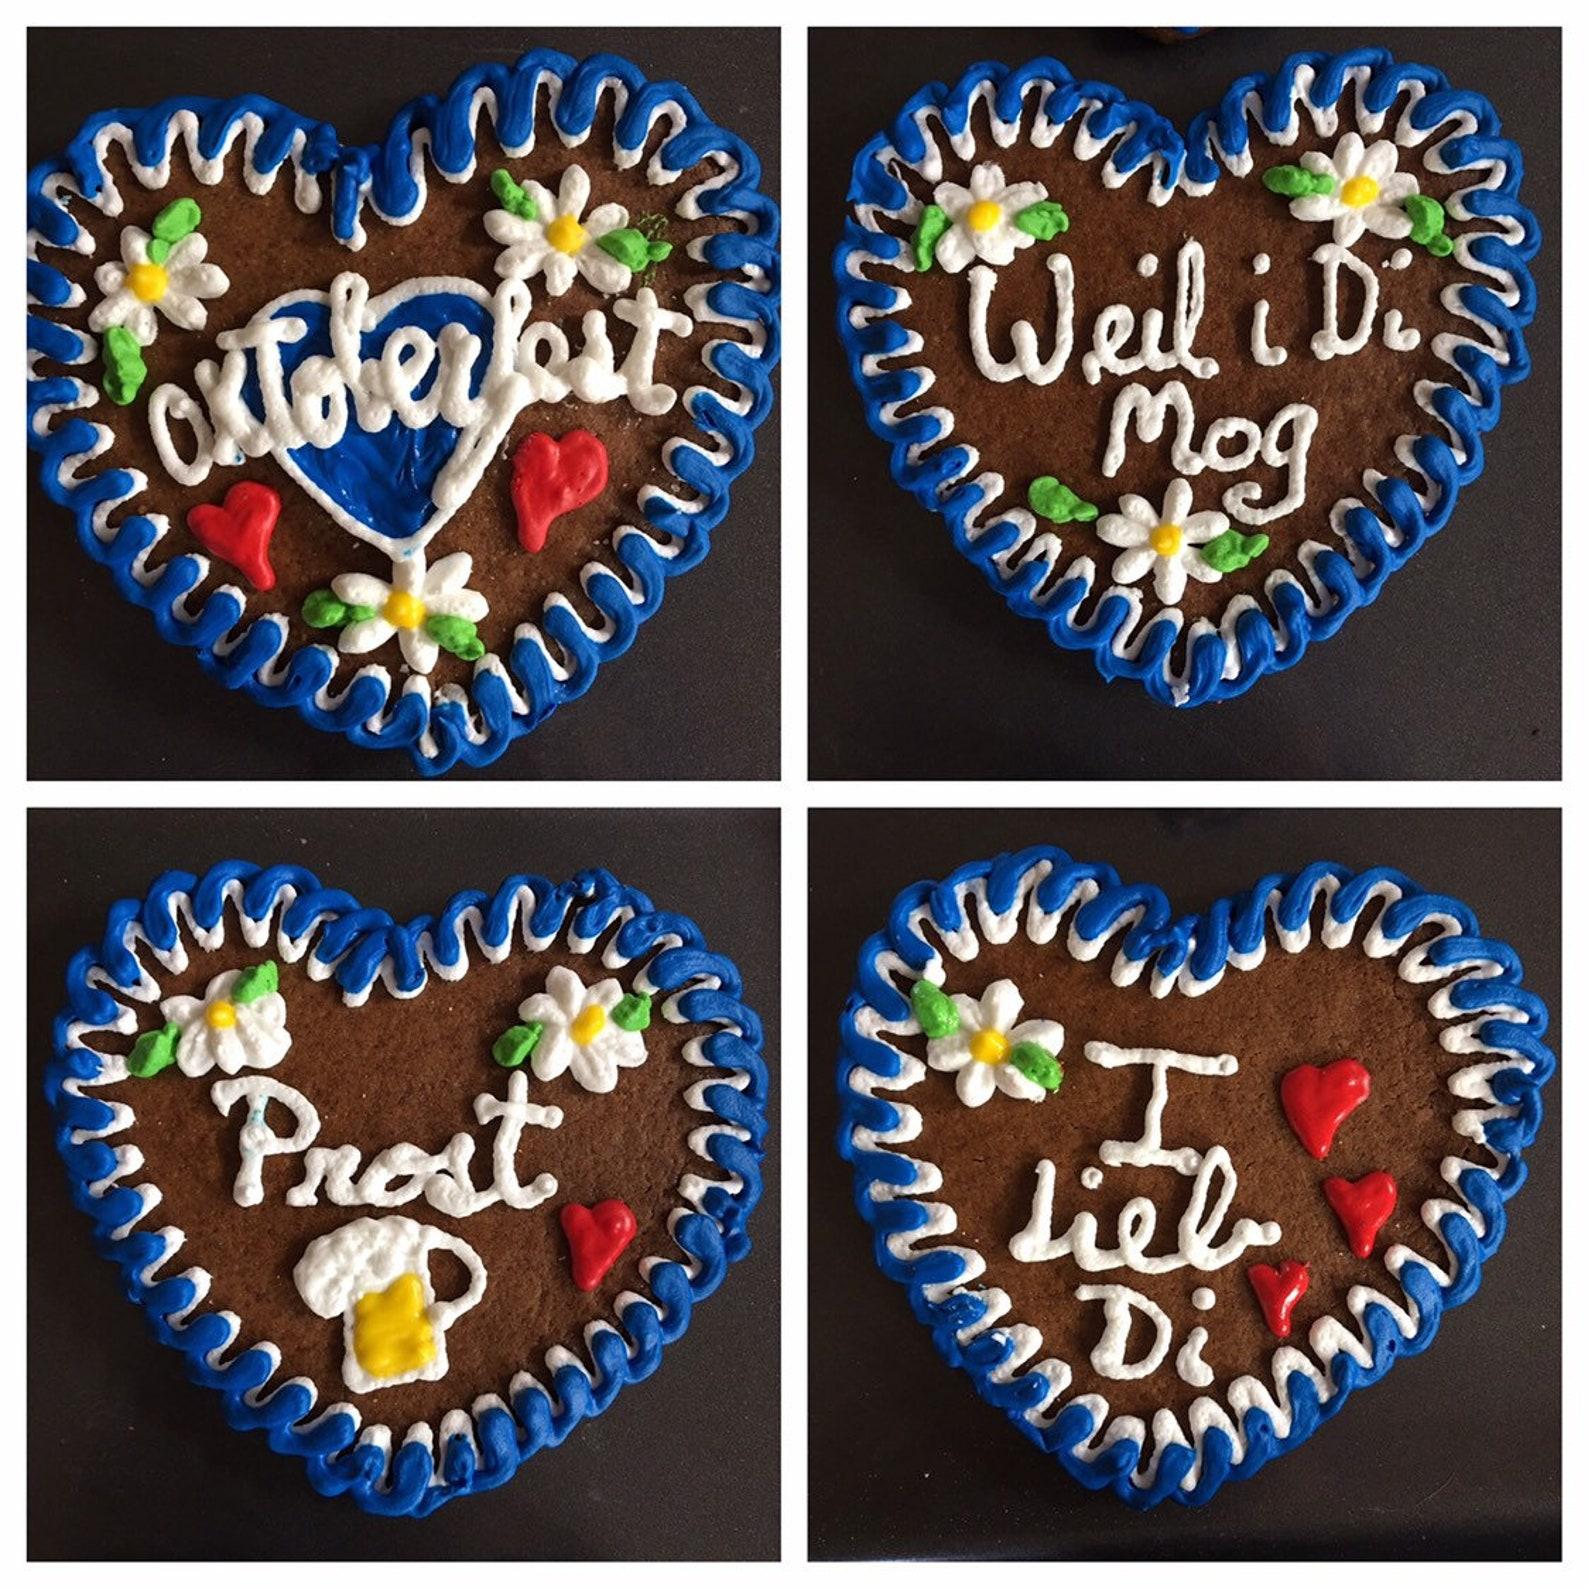 Oktoberfest Gingerbread Lebkuchen Heart Cookies Lebkuchenherz - 4 Hearts (4.5